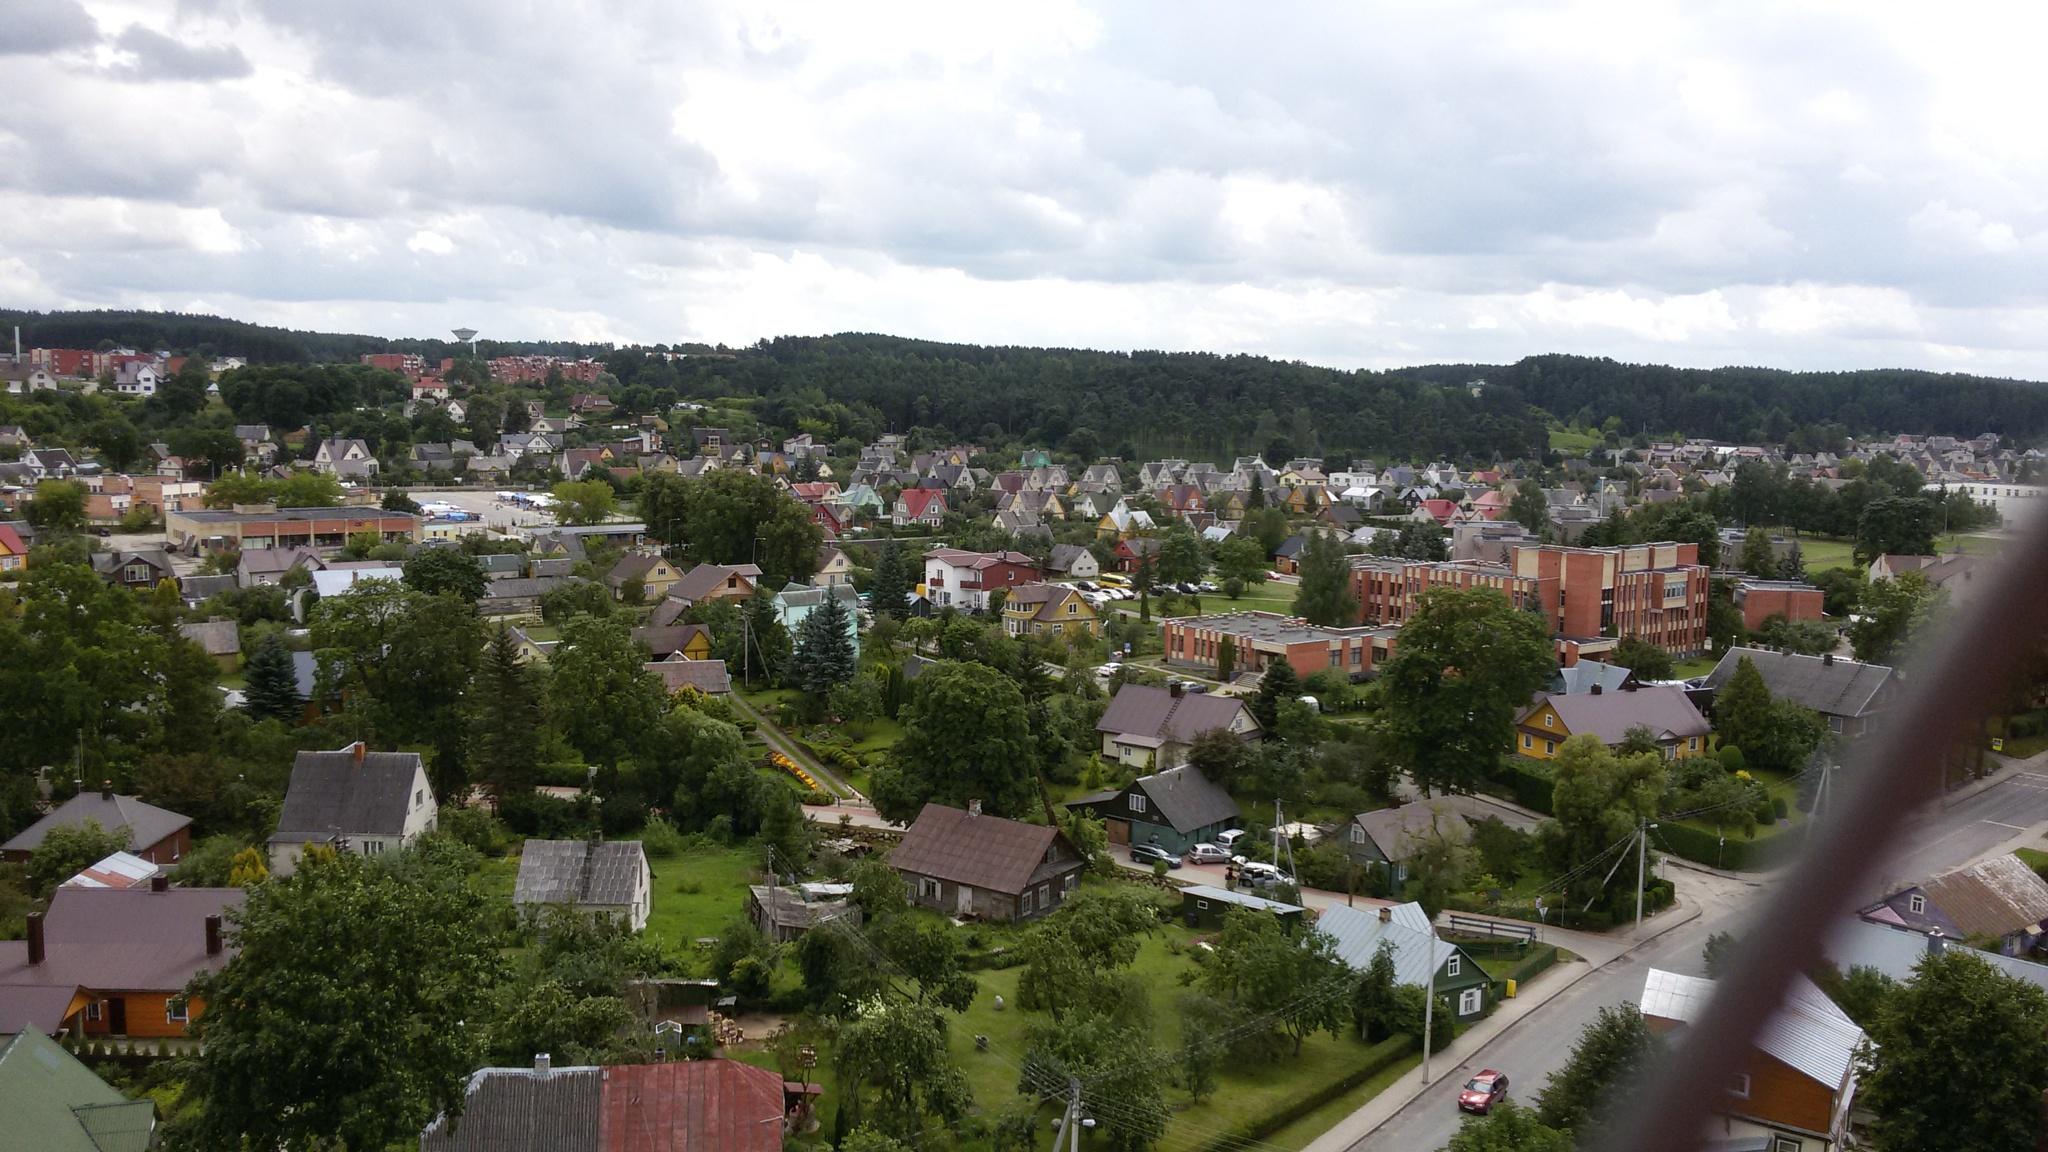 Panorama of the city by uzkuraitiene62